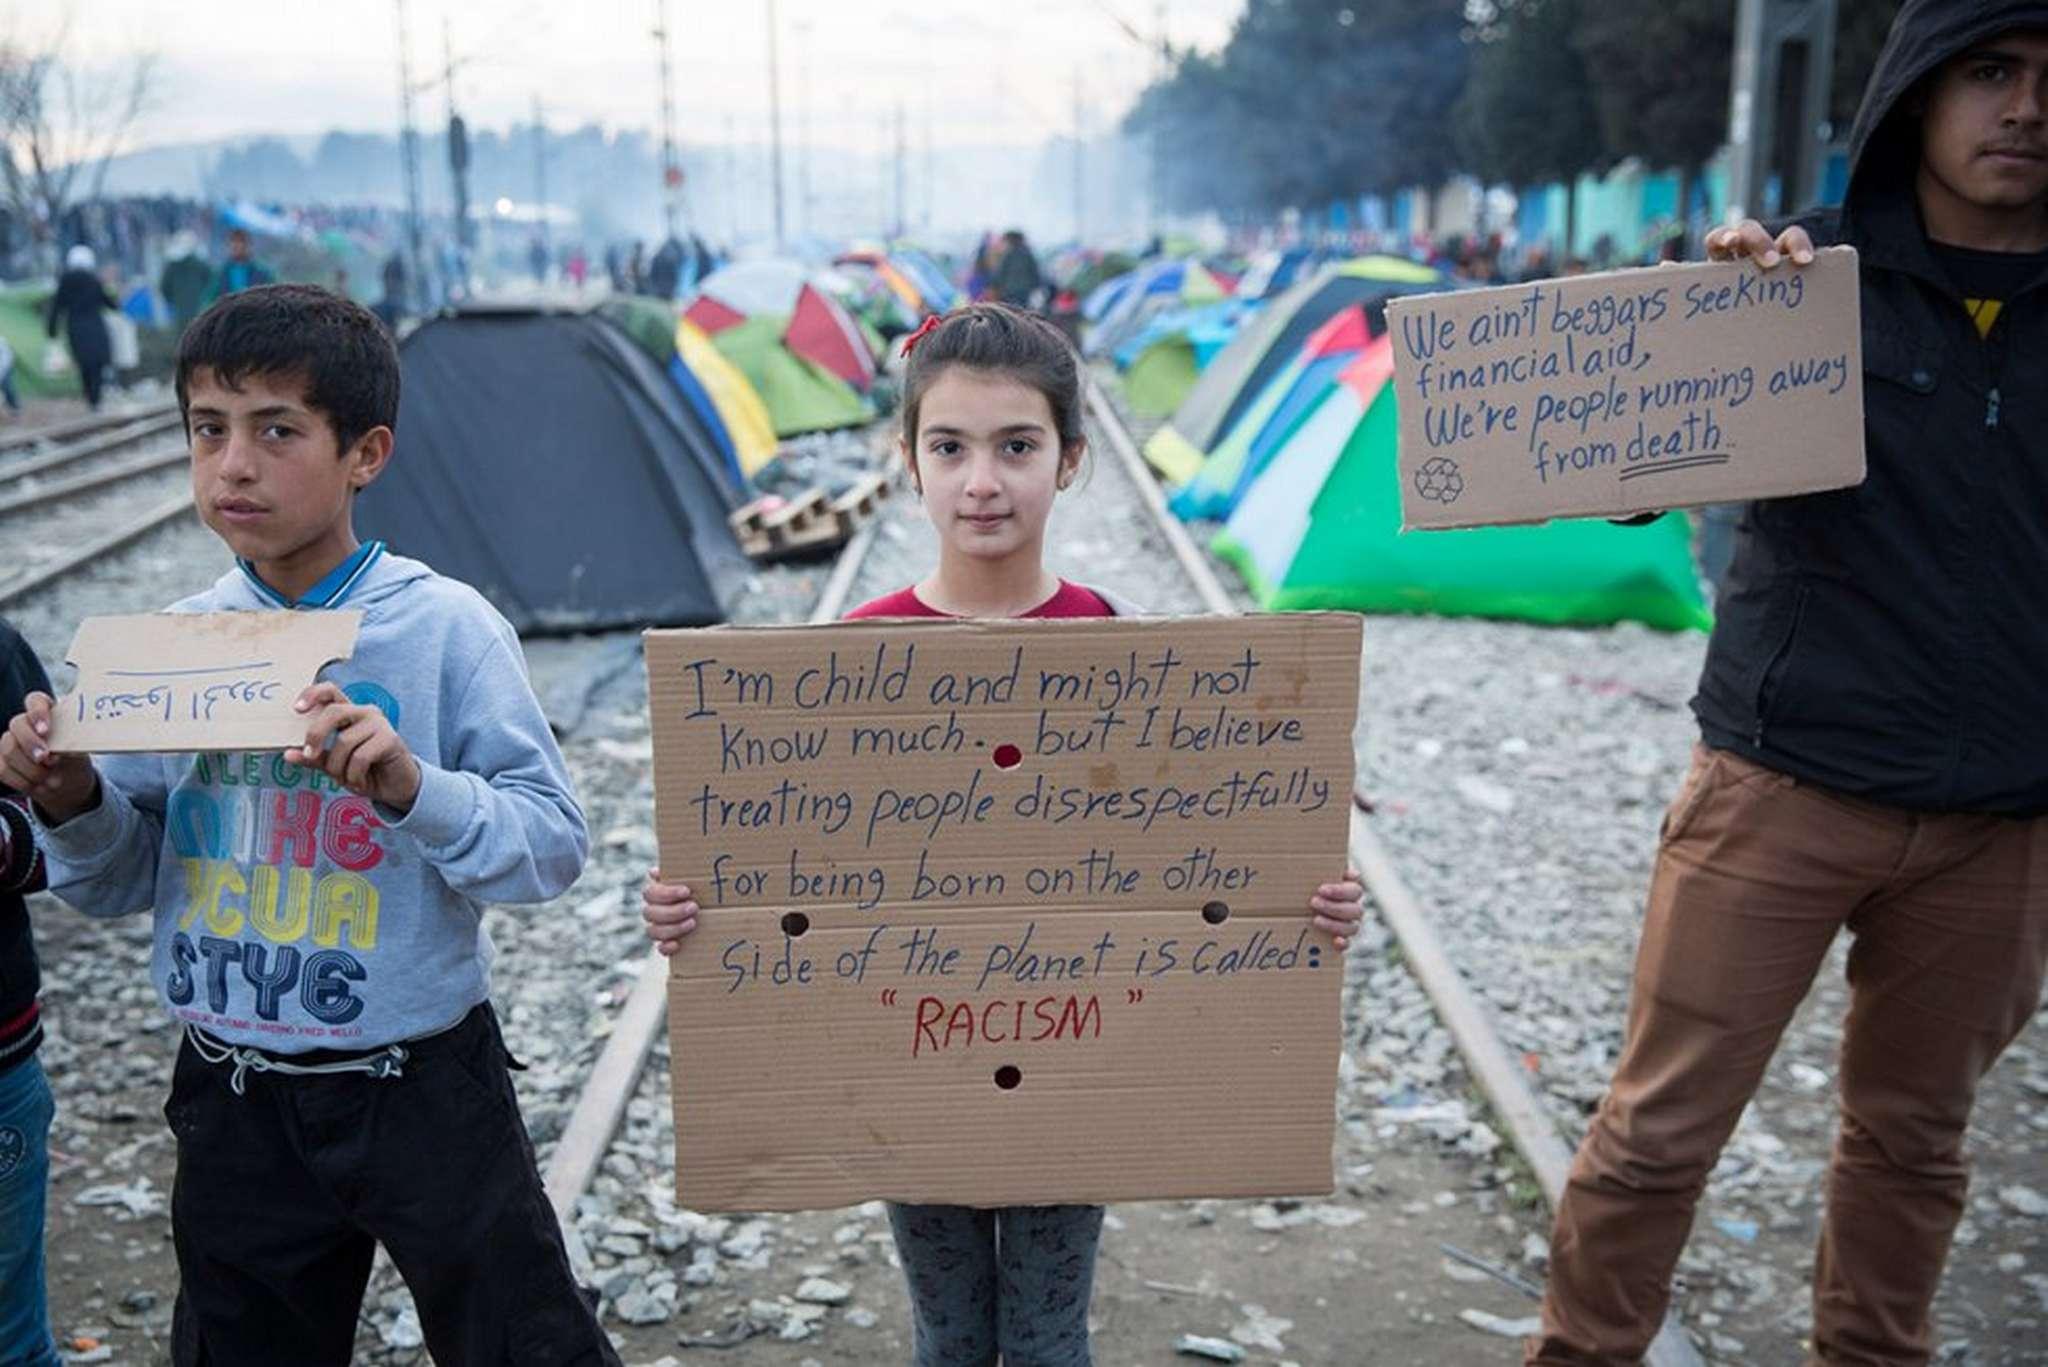 refugiados-denuncia-social-racism